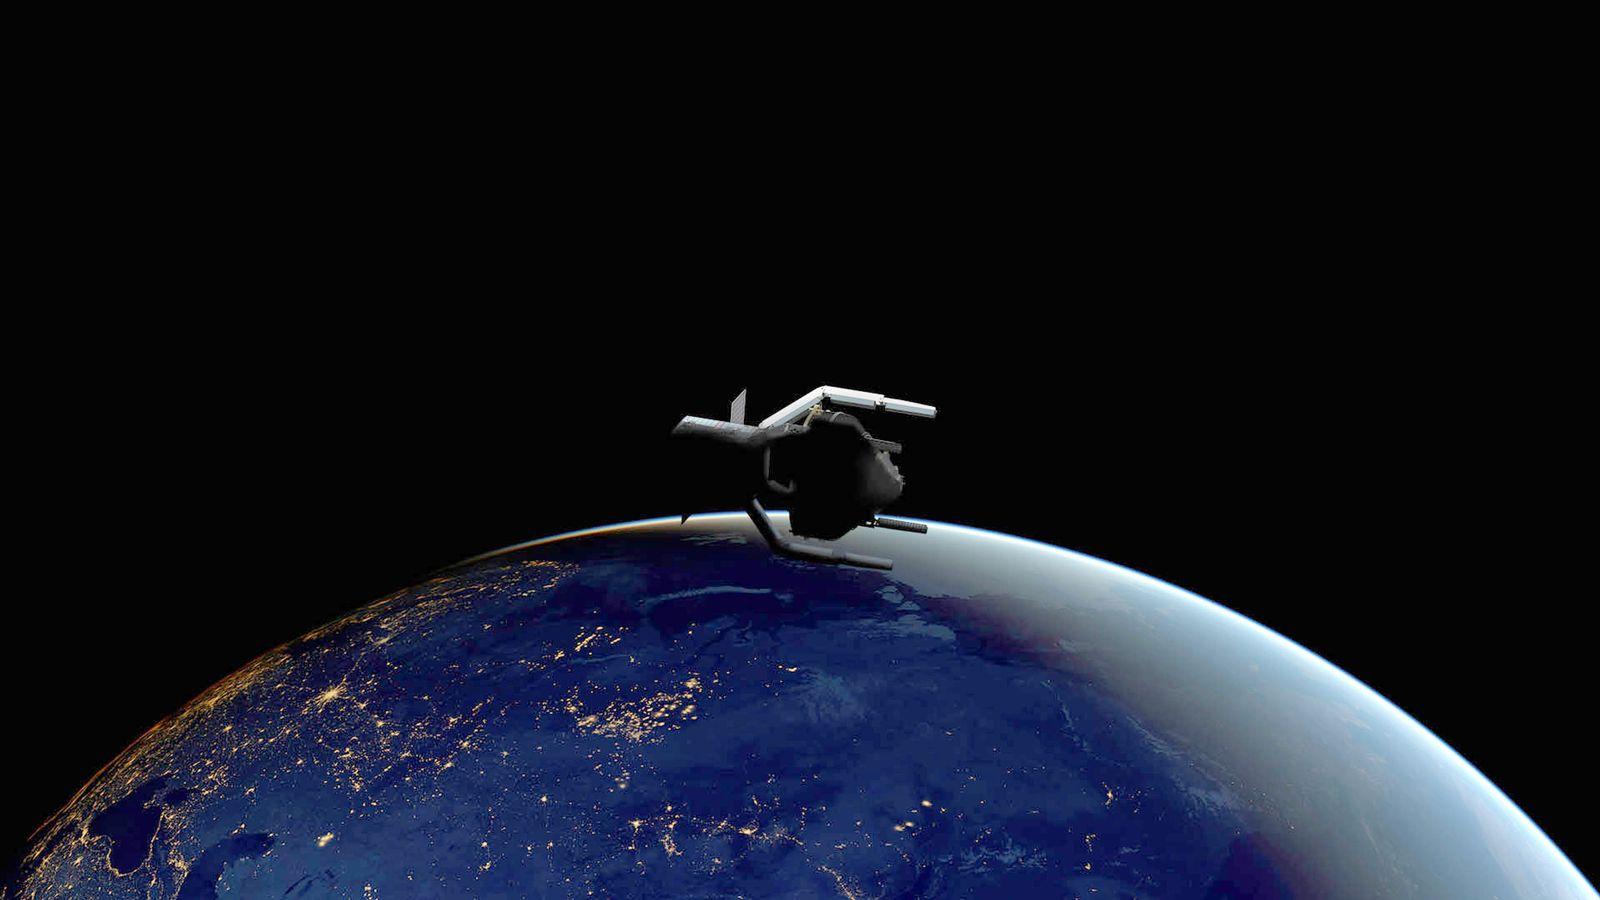 Esa ClearSpace-1plant erste Mission zur BekÃ?mpfung von Weltraumschrott